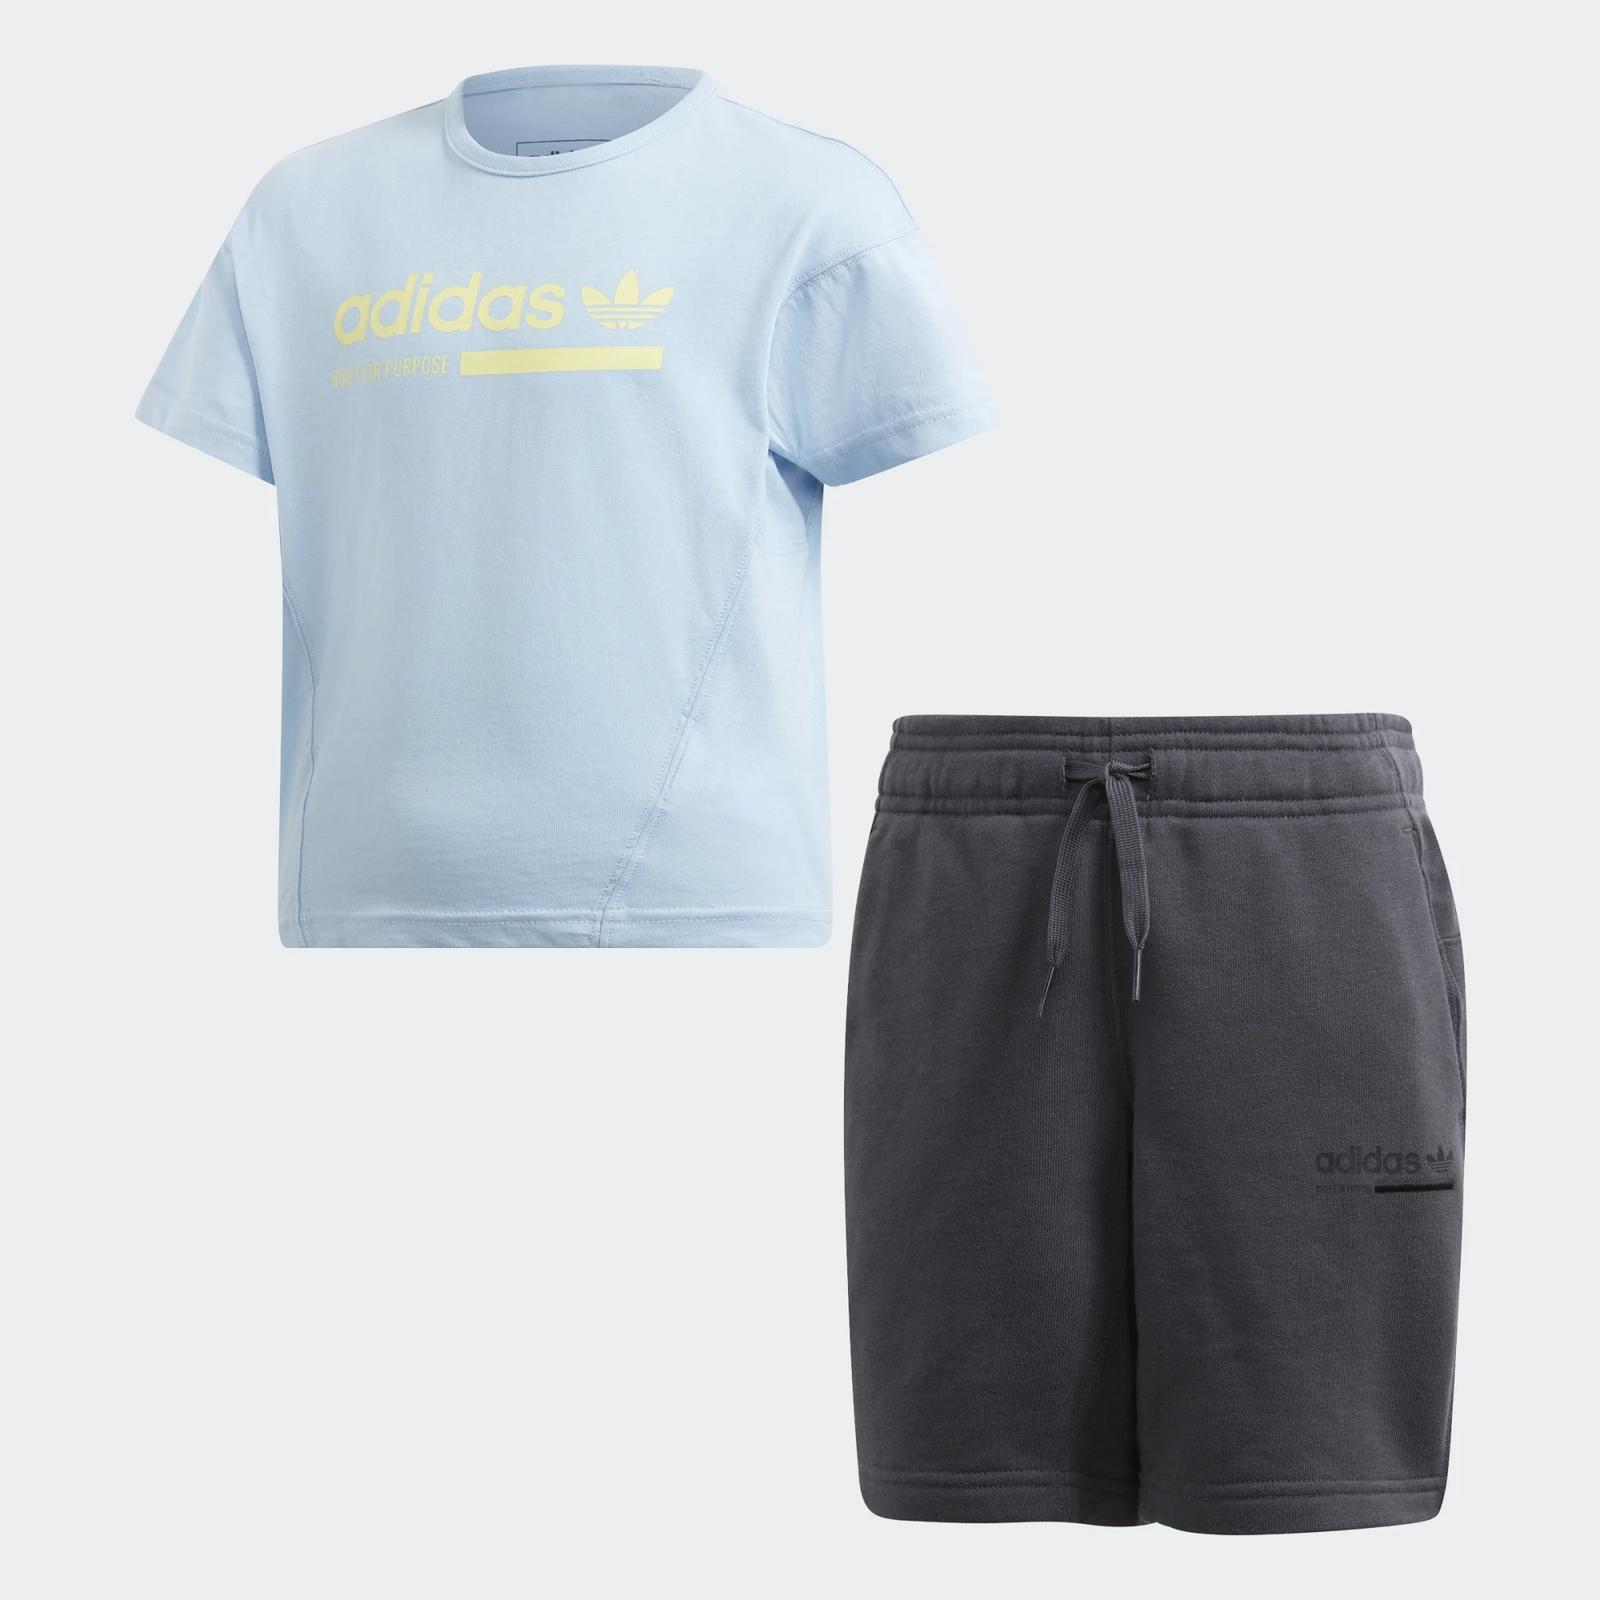 Спортивный костюм adidas спортивный костюм детский adidas i fun jog fl цвет черный серый ce9729 размер 98